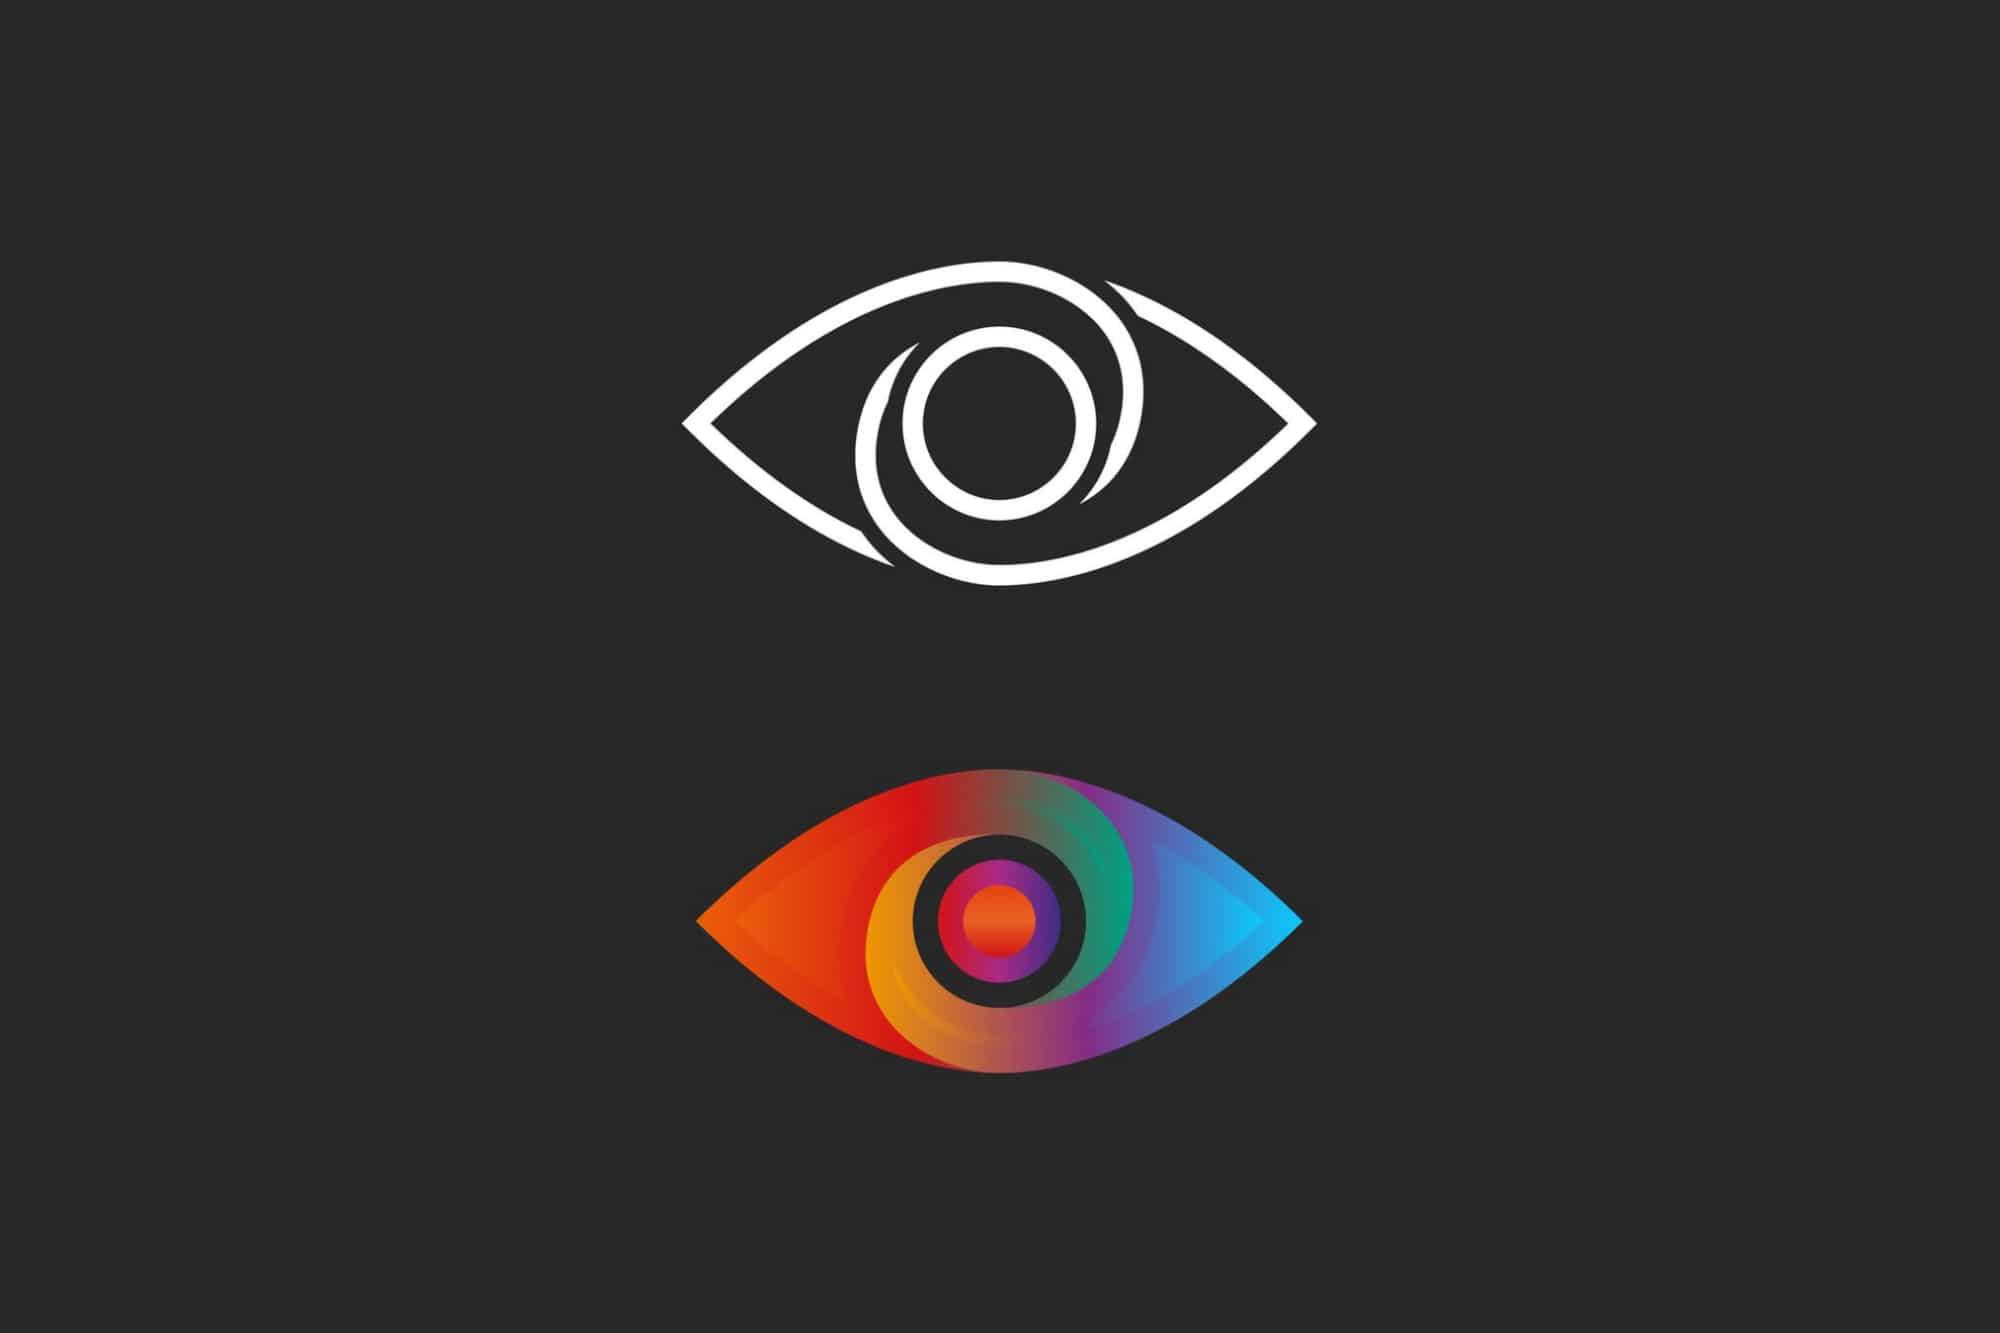 עדשות פילטר למשקפיים – אופטיקה יפעת אופטומטריסטית מוסמכת